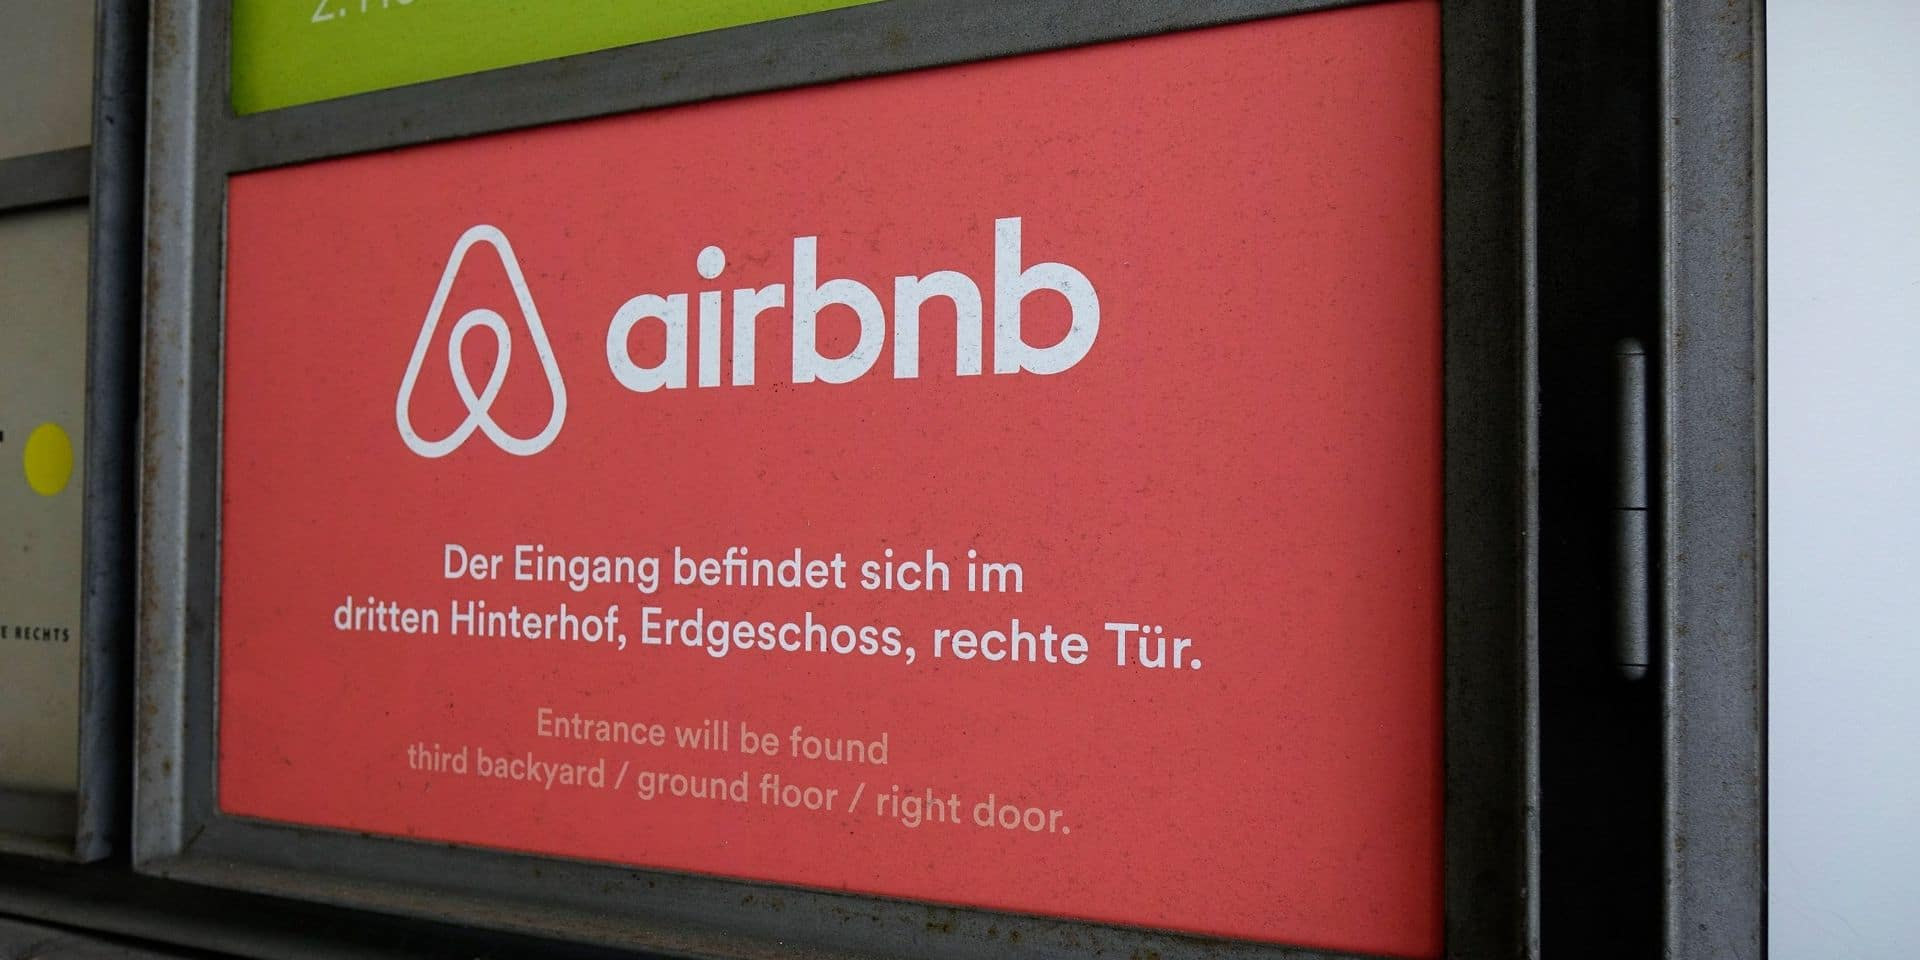 Voici le logement Airbnb le moins cher, mais peut-être aussi le moins confortable